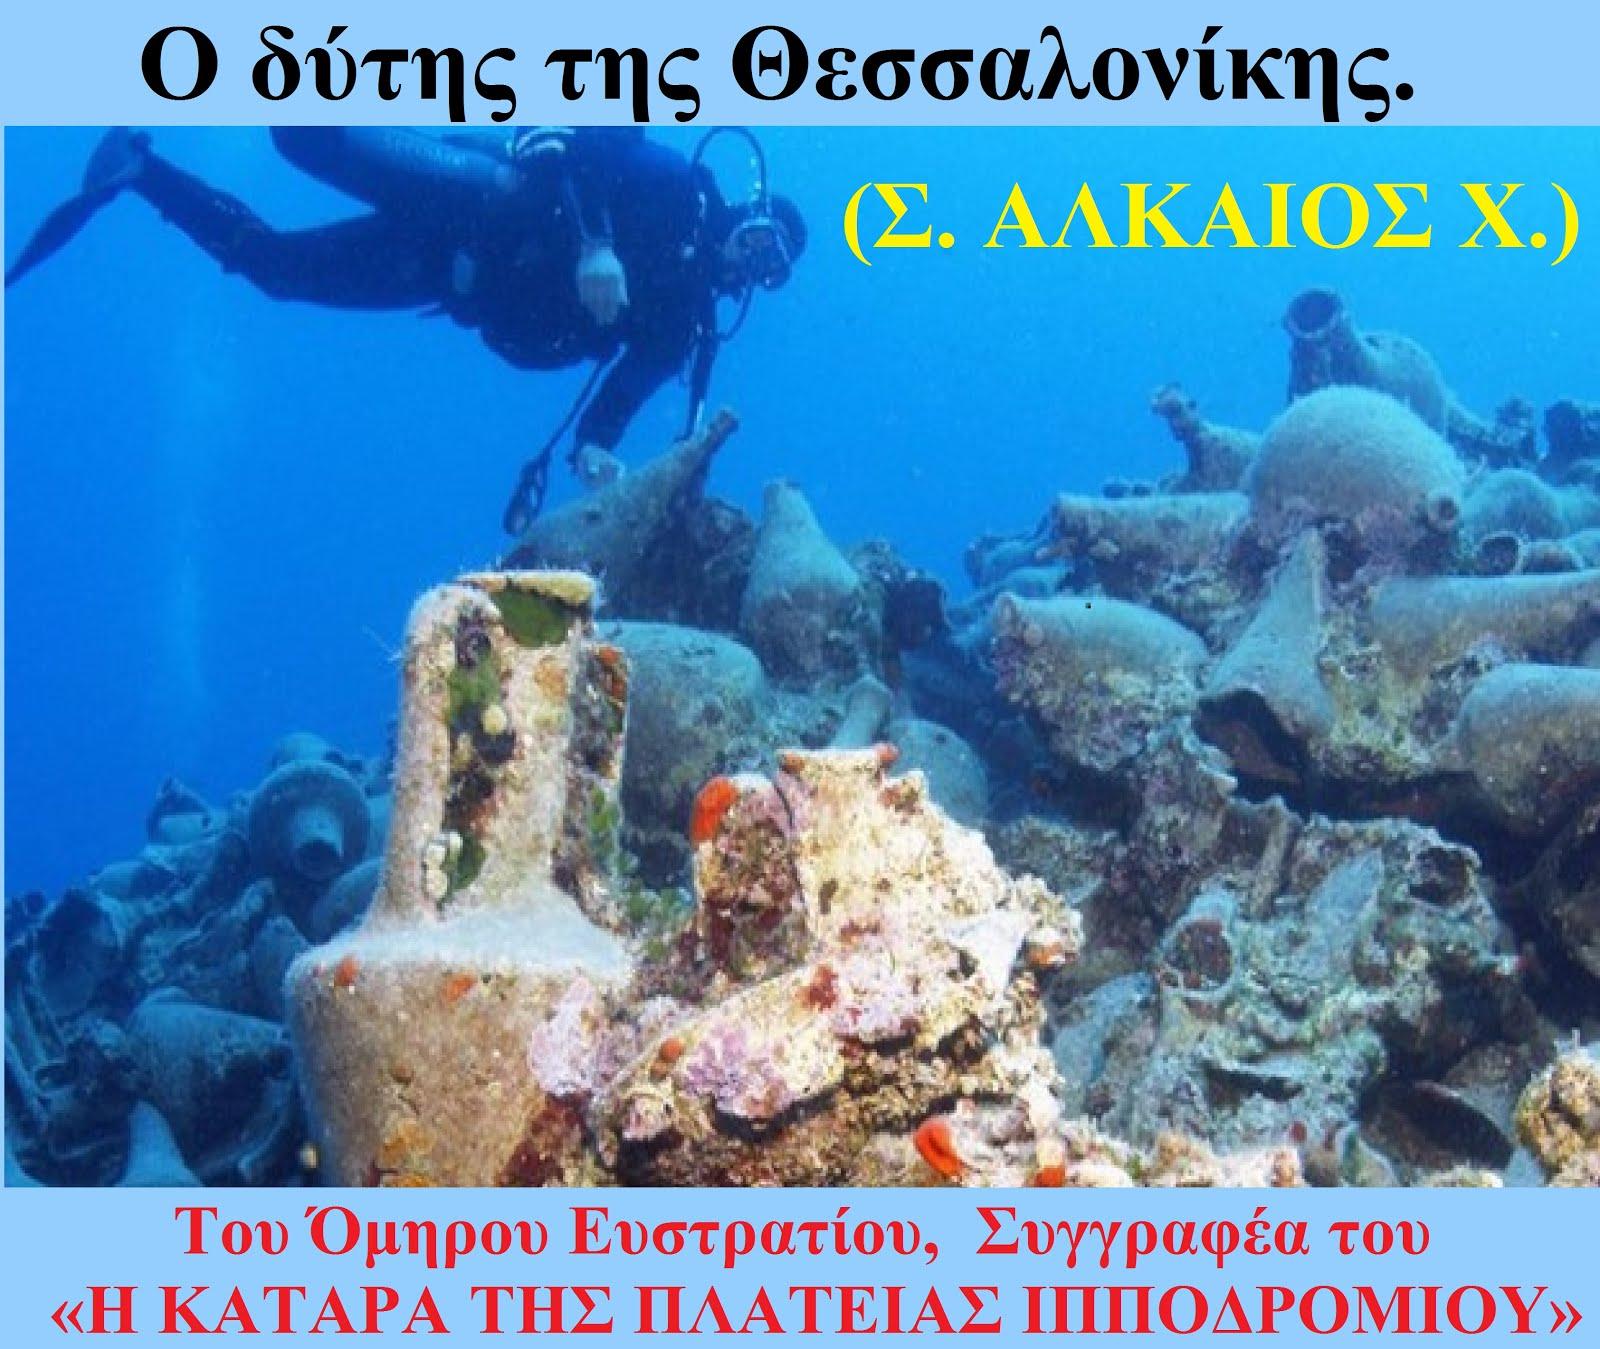 Ο δύτης της Θεσσαλονίκης.